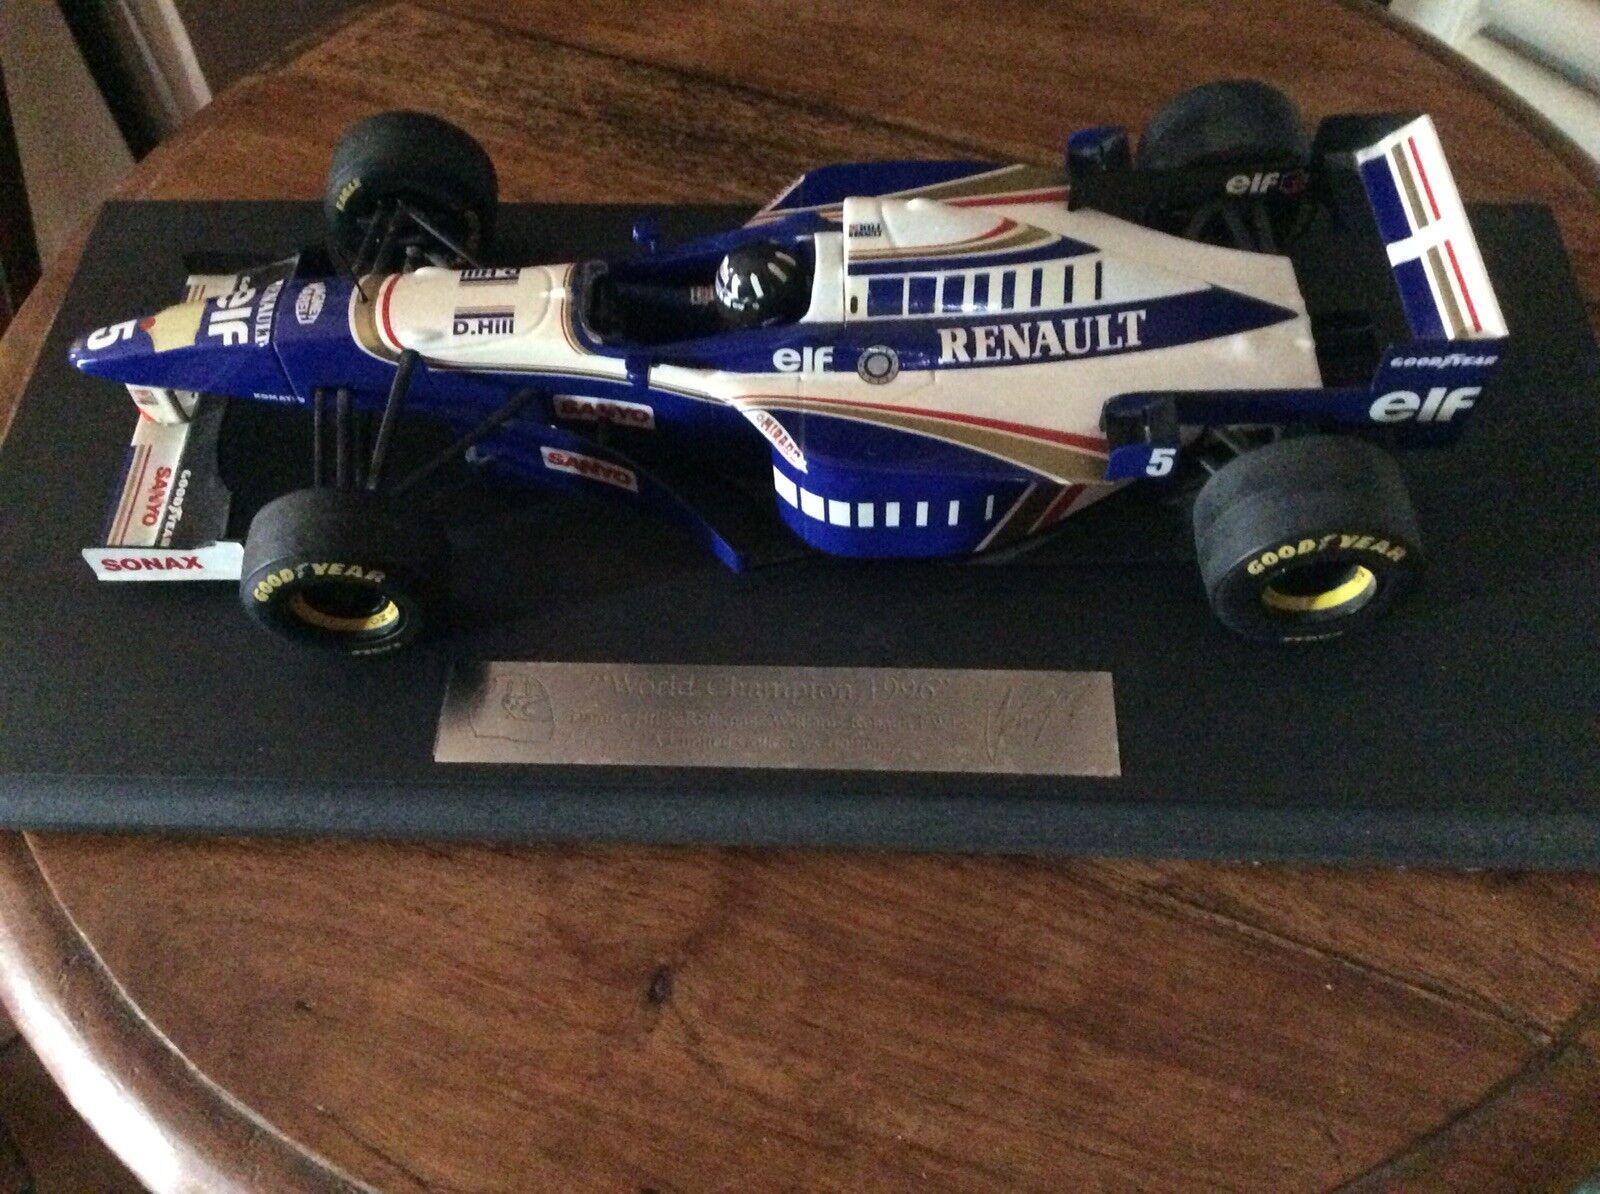 Edición limitada de fórmula uno Damon Hill Williams Renault FW18 1 18 escala Diecast